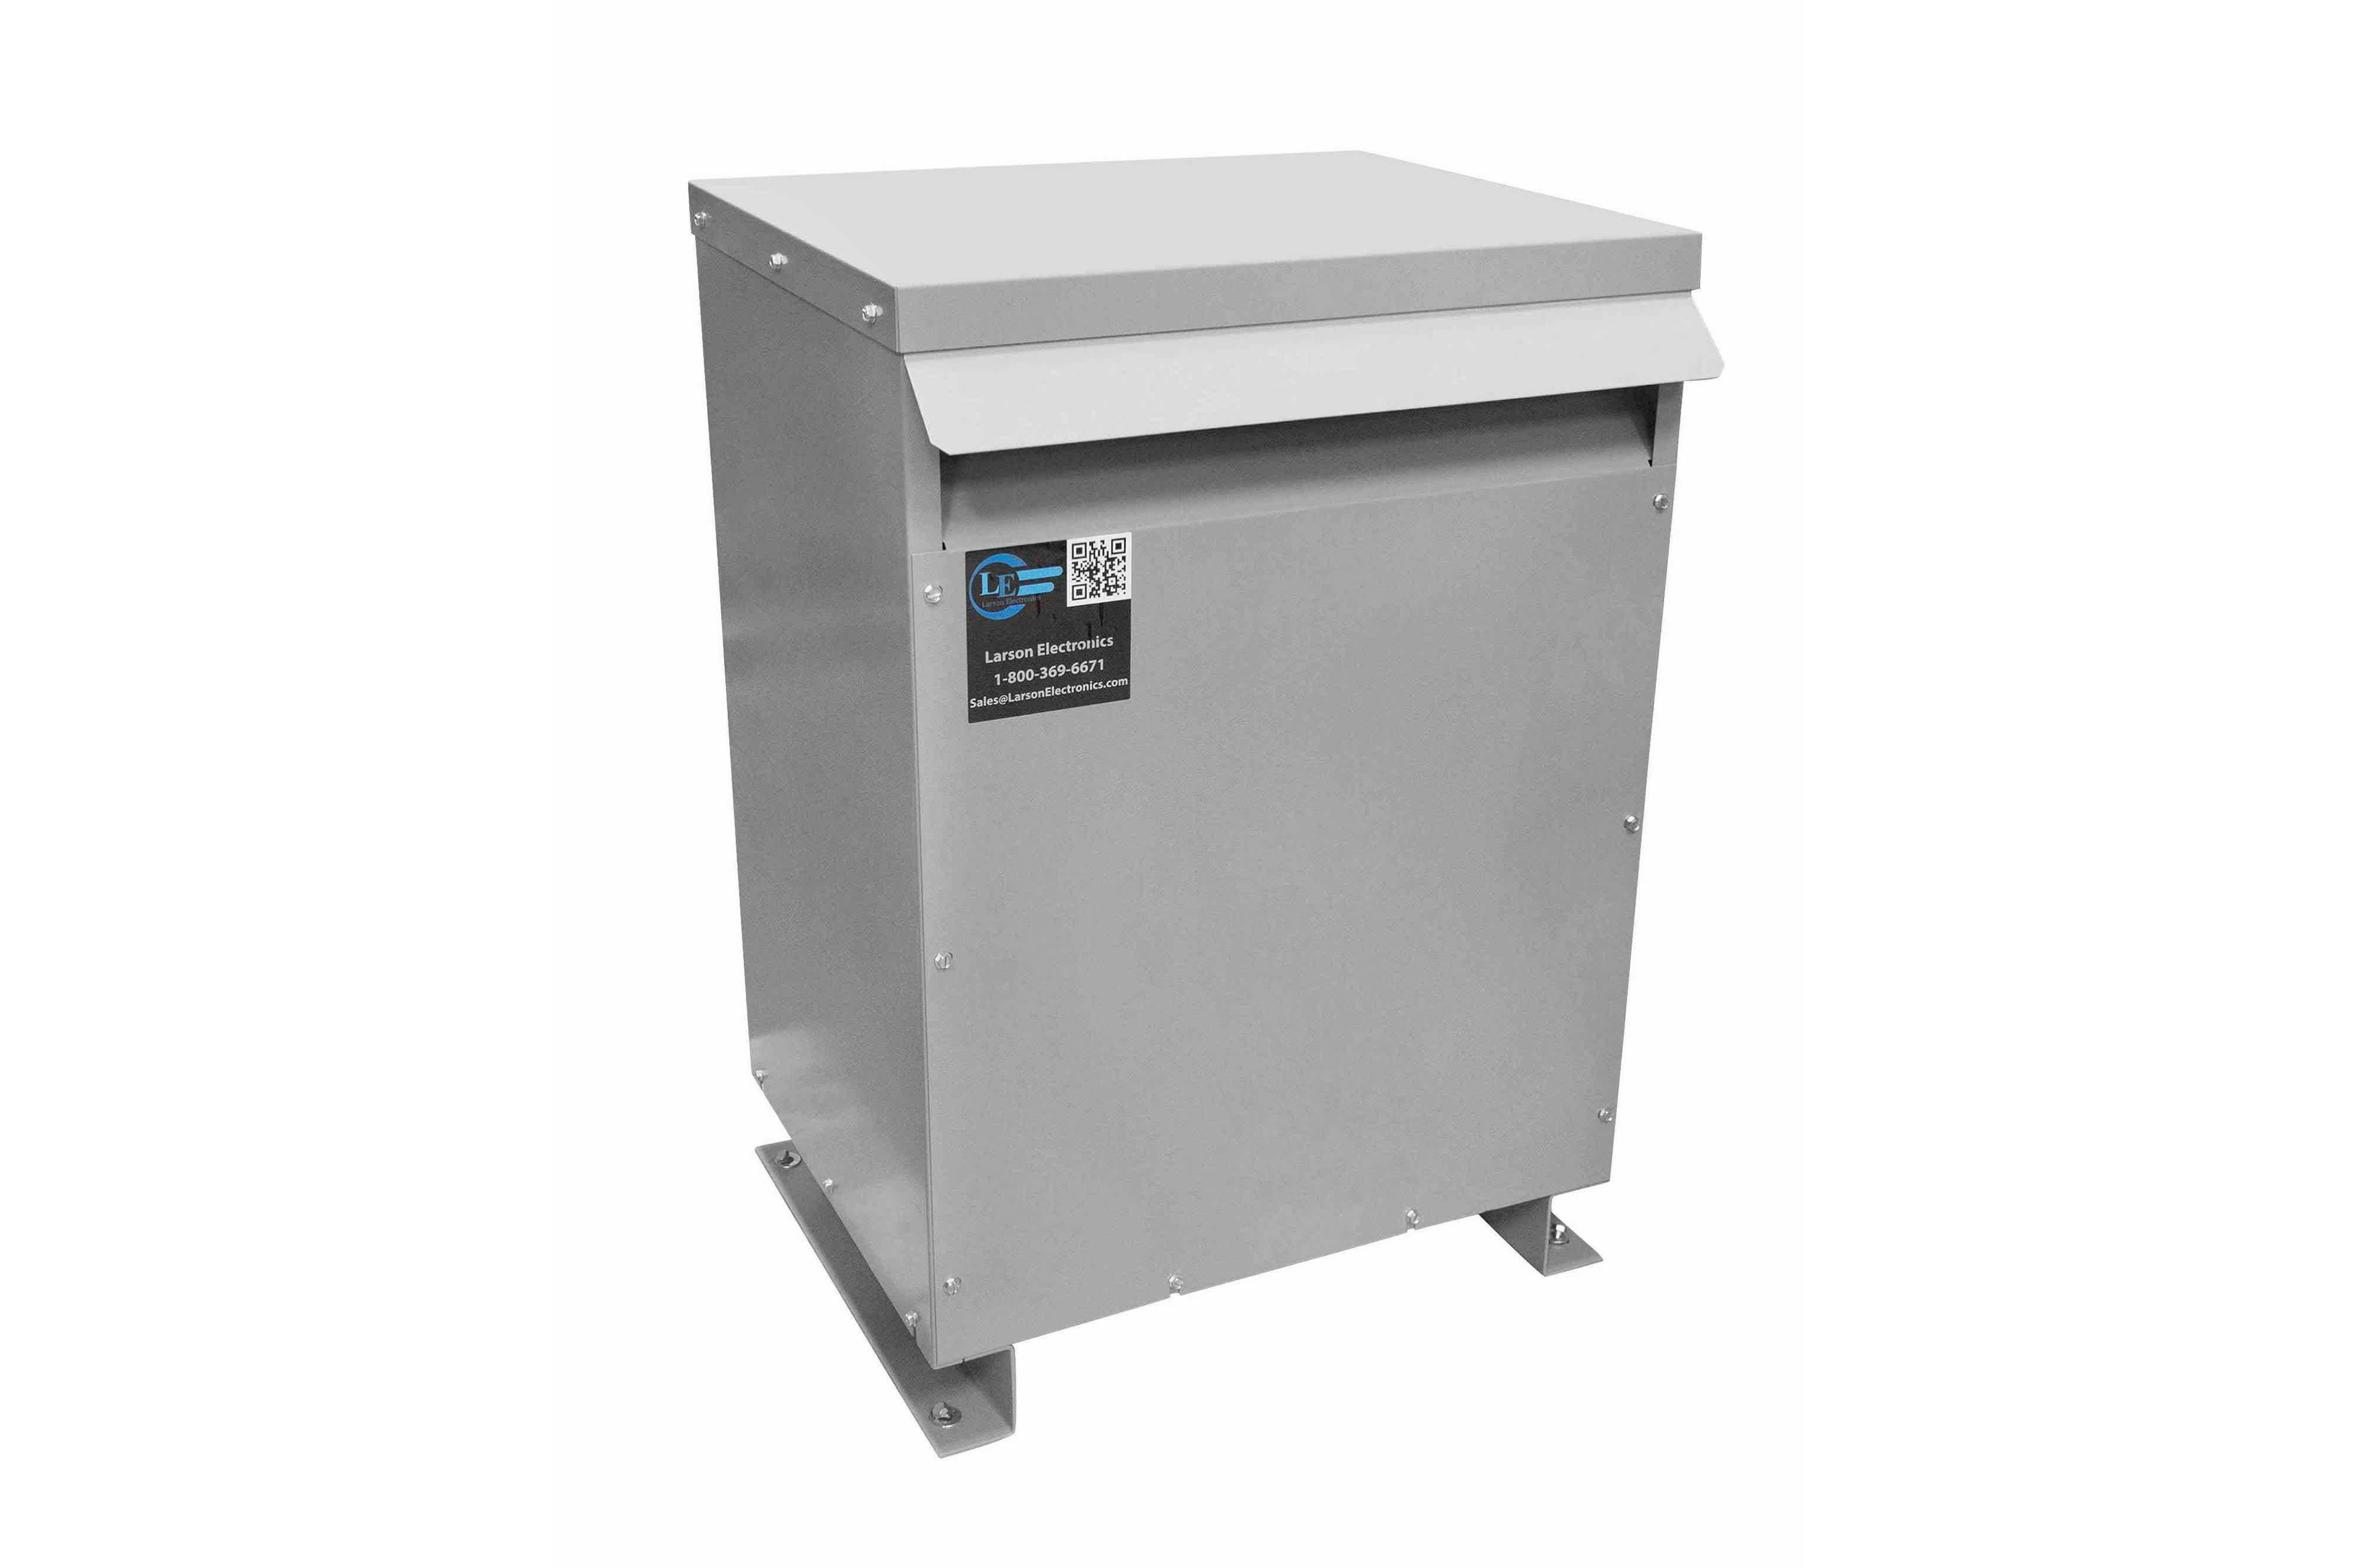 27 kVA 3PH Isolation Transformer, 400V Delta Primary, 480V Delta Secondary, N3R, Ventilated, 60 Hz